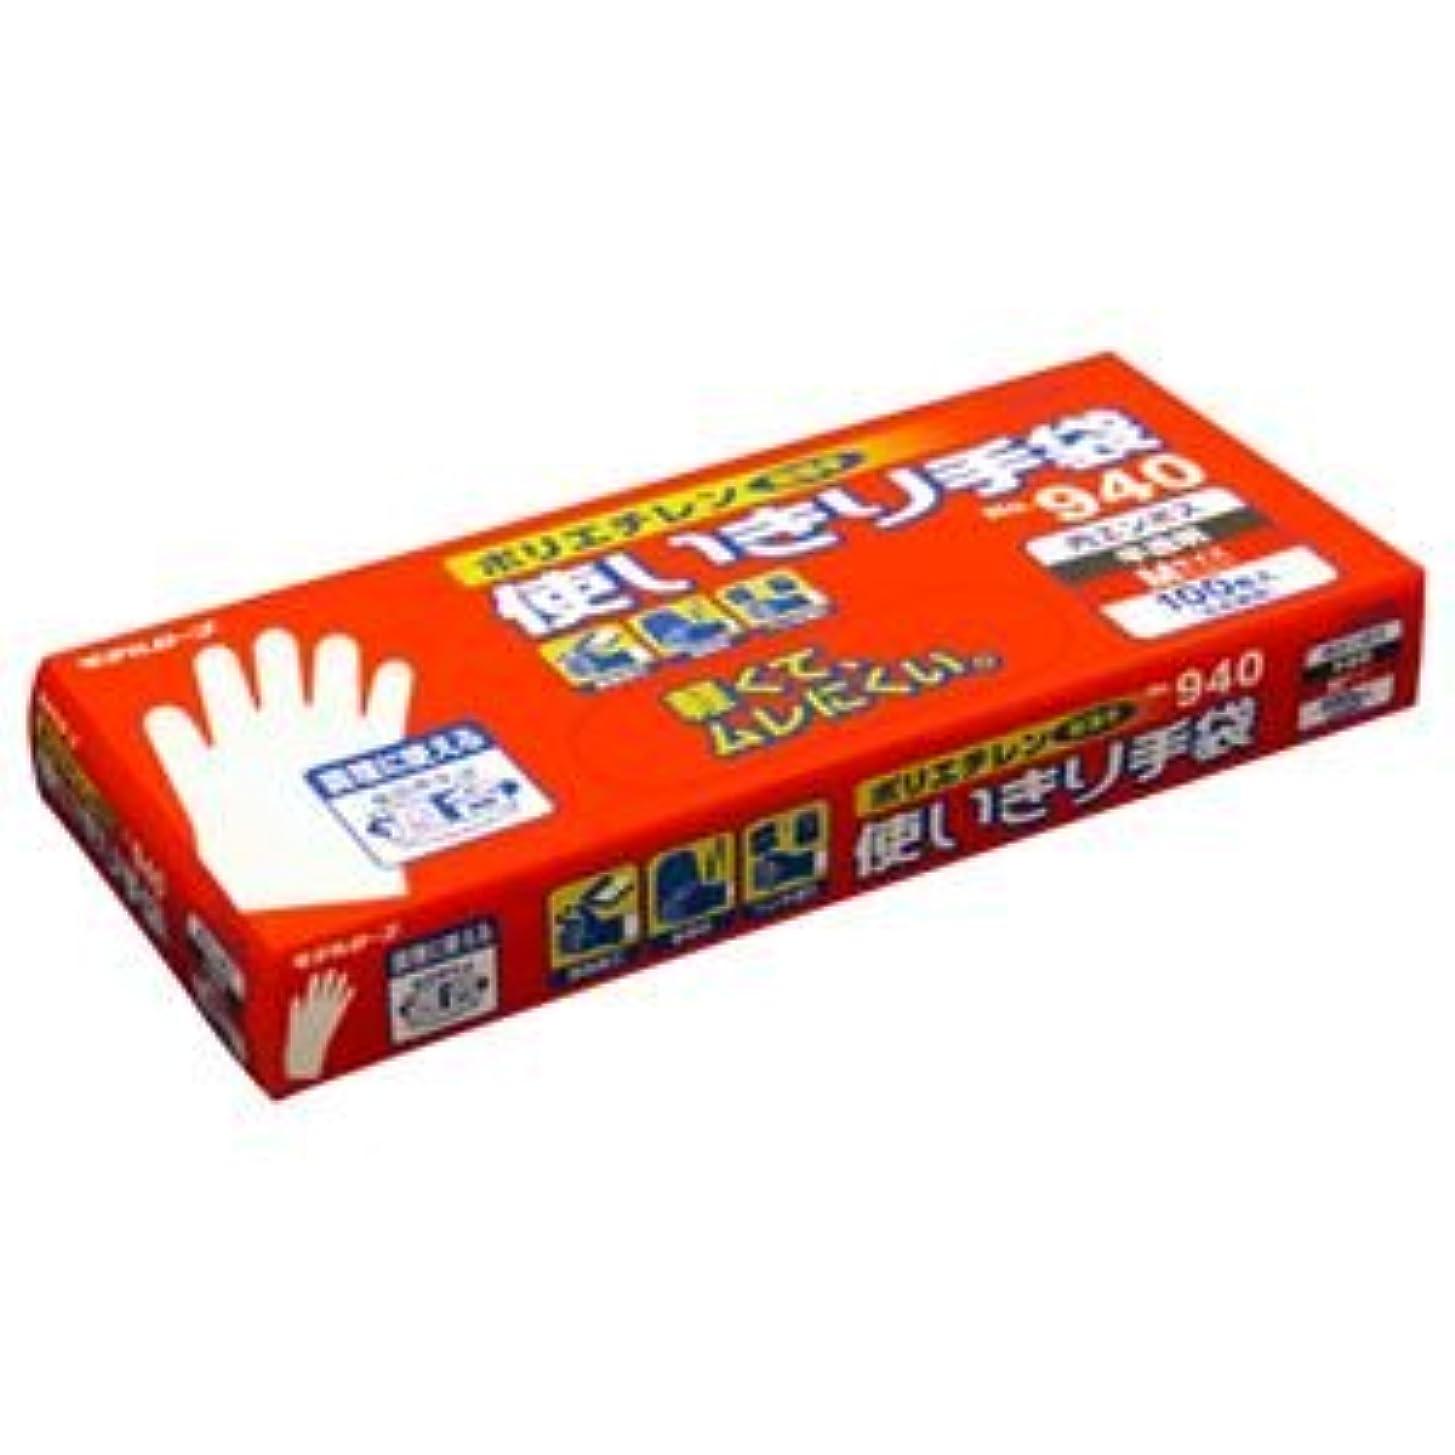 忌まわしい水陸両用境界(まとめ) エステー No.940 ポリエチレン使いきり手袋(内エンボス) M 1箱(100枚) 【×10セット】 ds-1580600